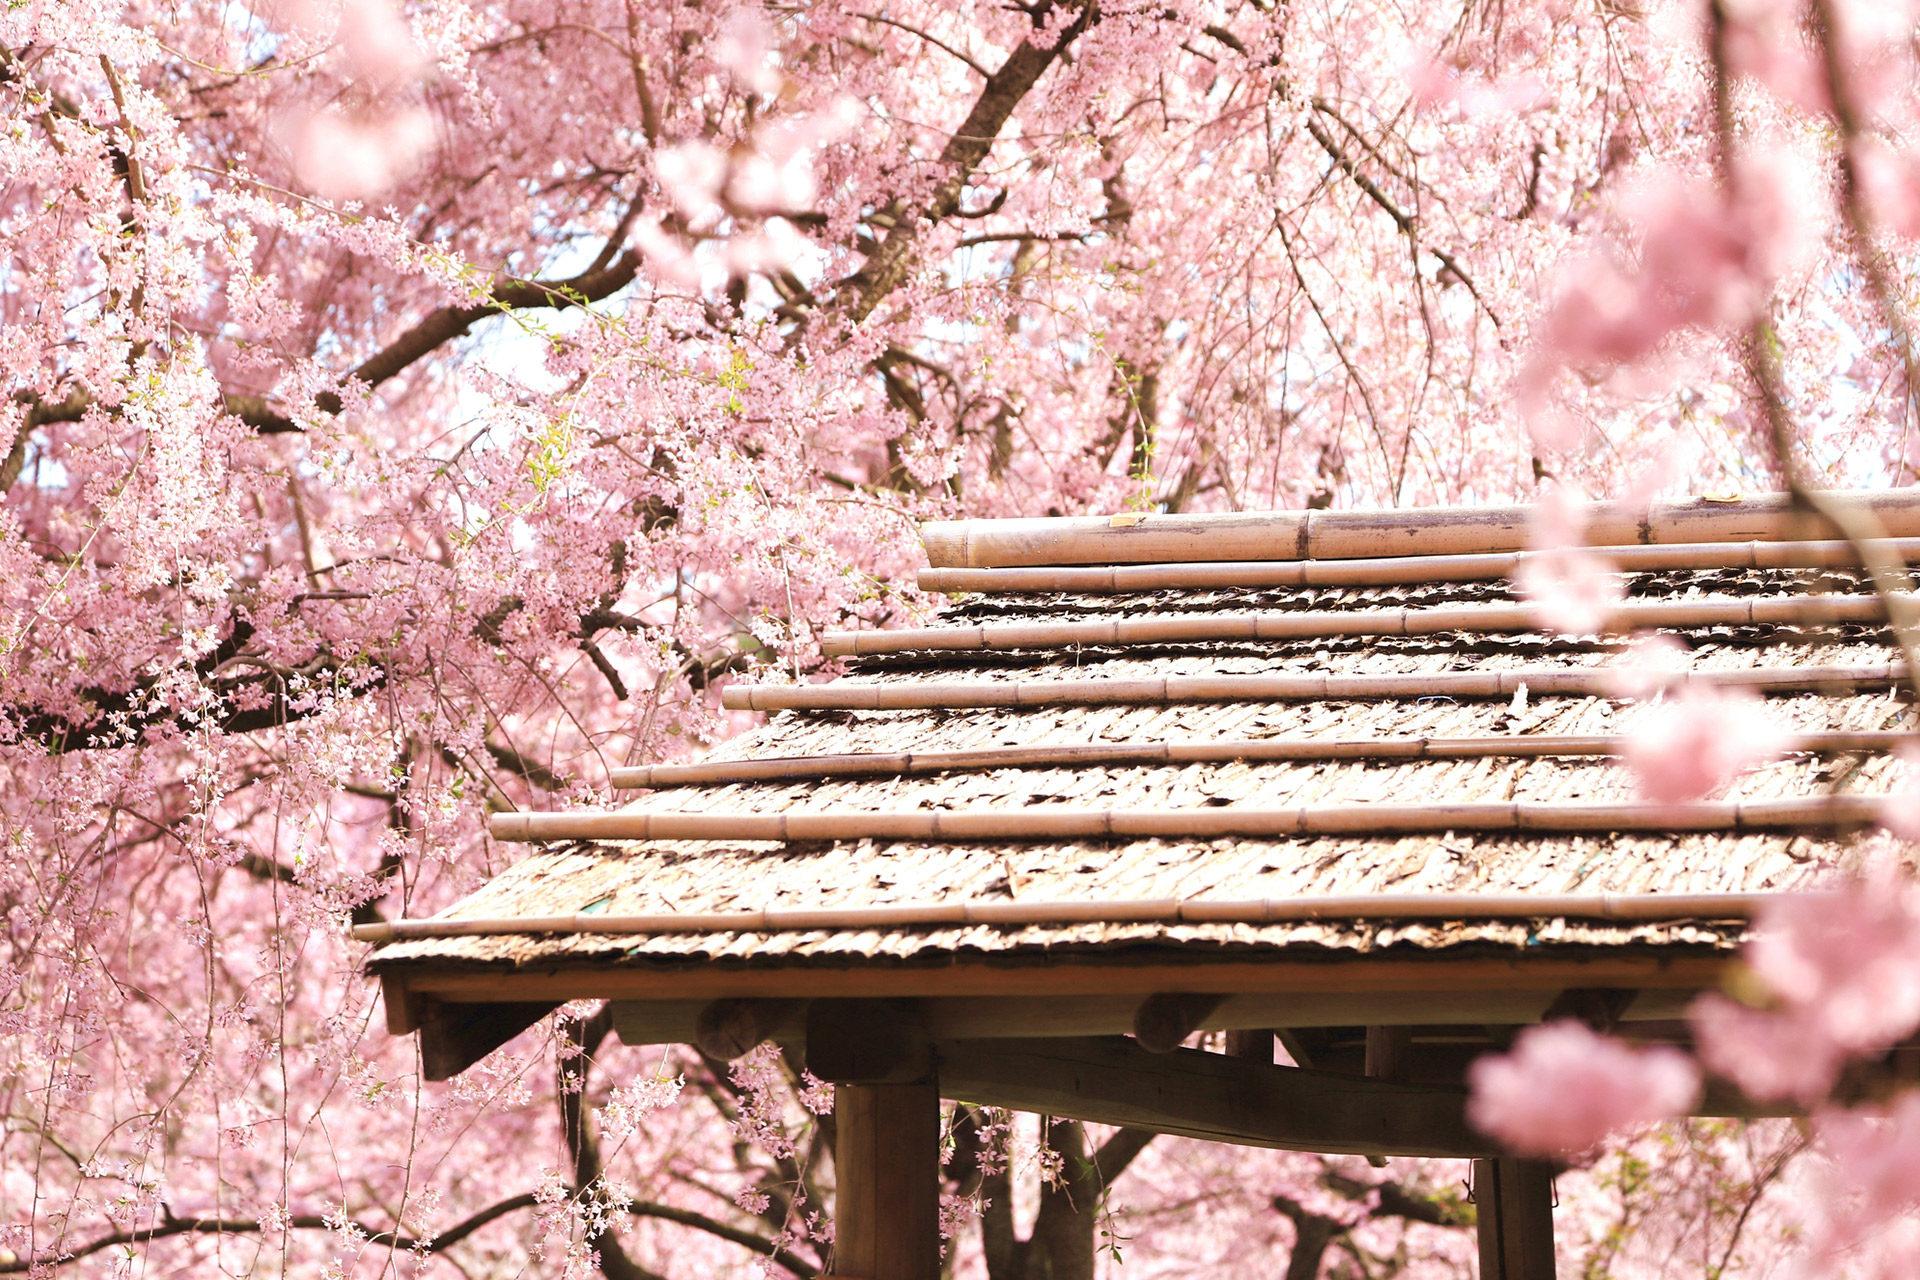 京都櫻花盛開的時期是什麼時候